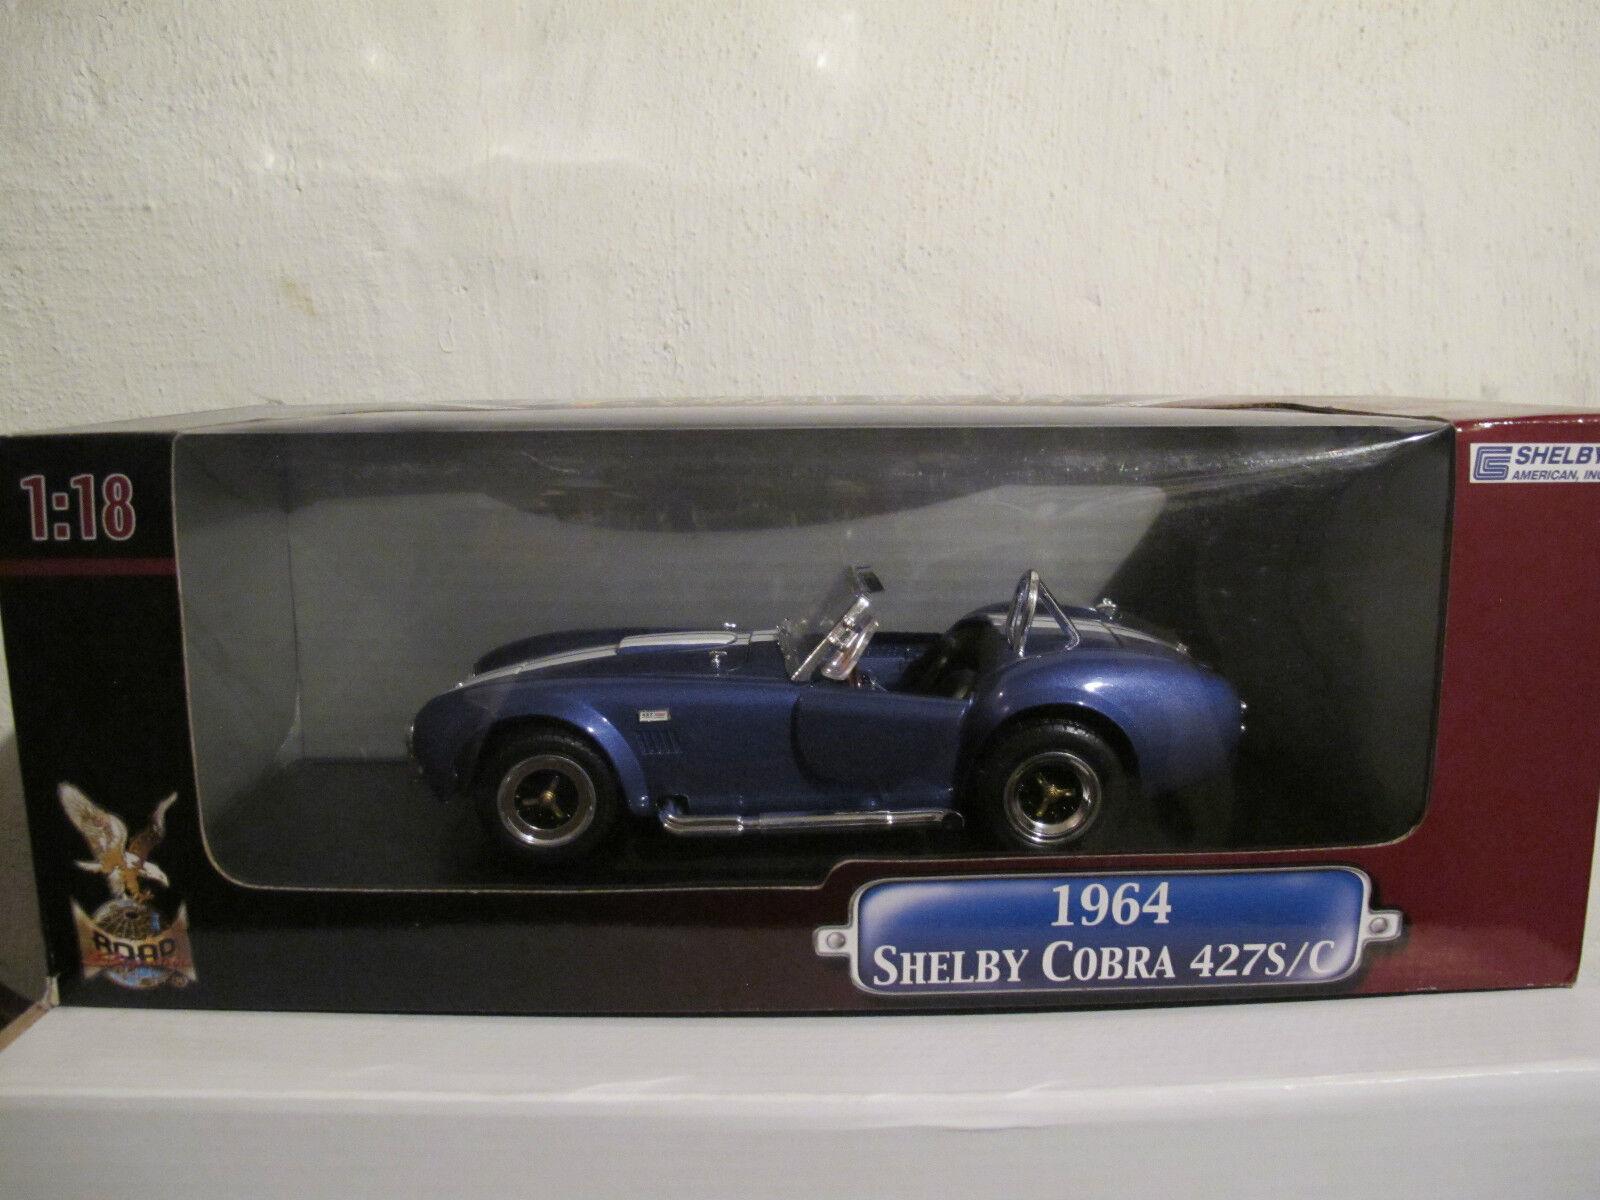 1 18 Shelby Cobra 427 S C 1964, bleu, ROAD SIGNATURE, NOUVEAU & NEUF dans sa boîte, RARE